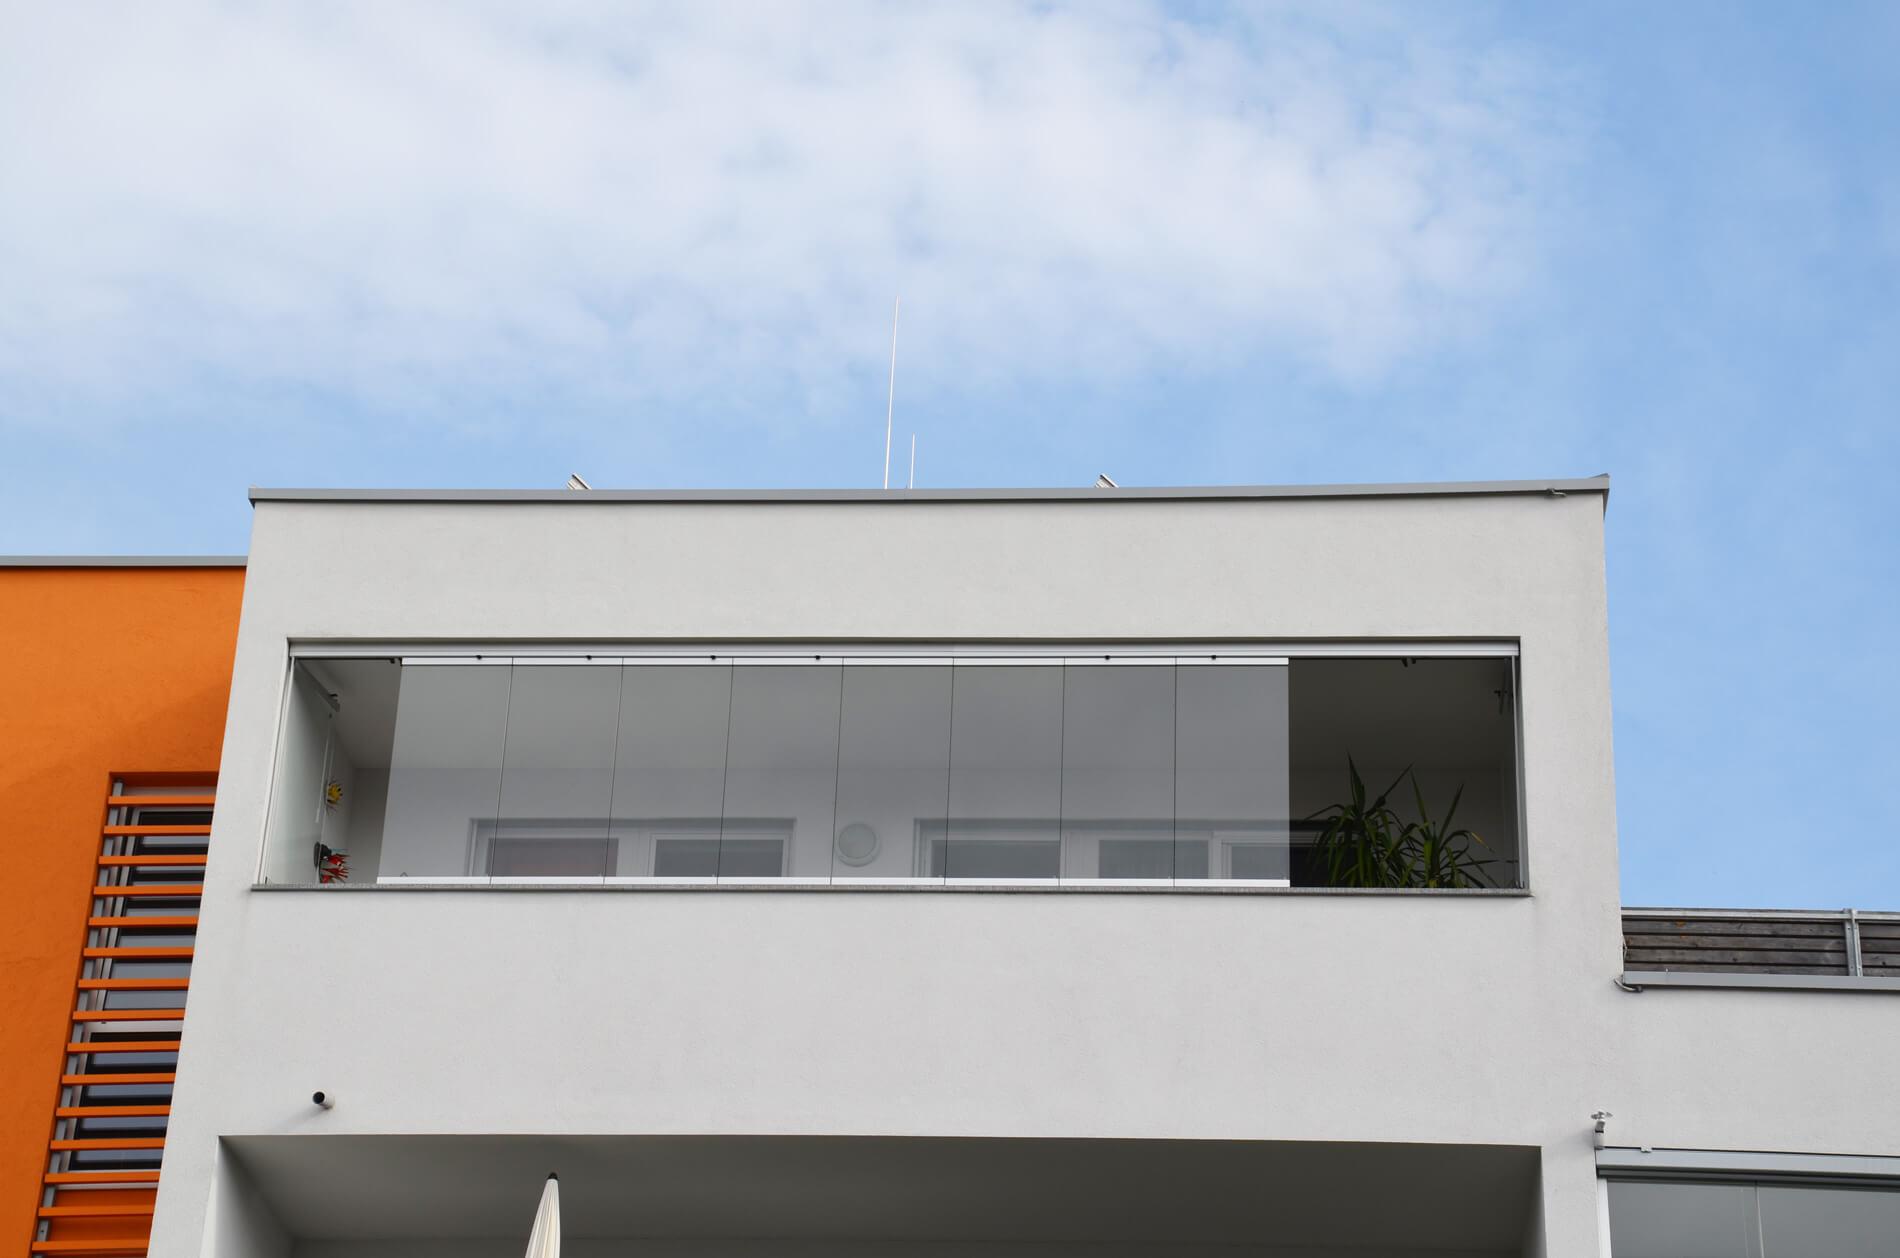 schiebet rsysteme terrasse glas wintergarten schmidinger. Black Bedroom Furniture Sets. Home Design Ideas